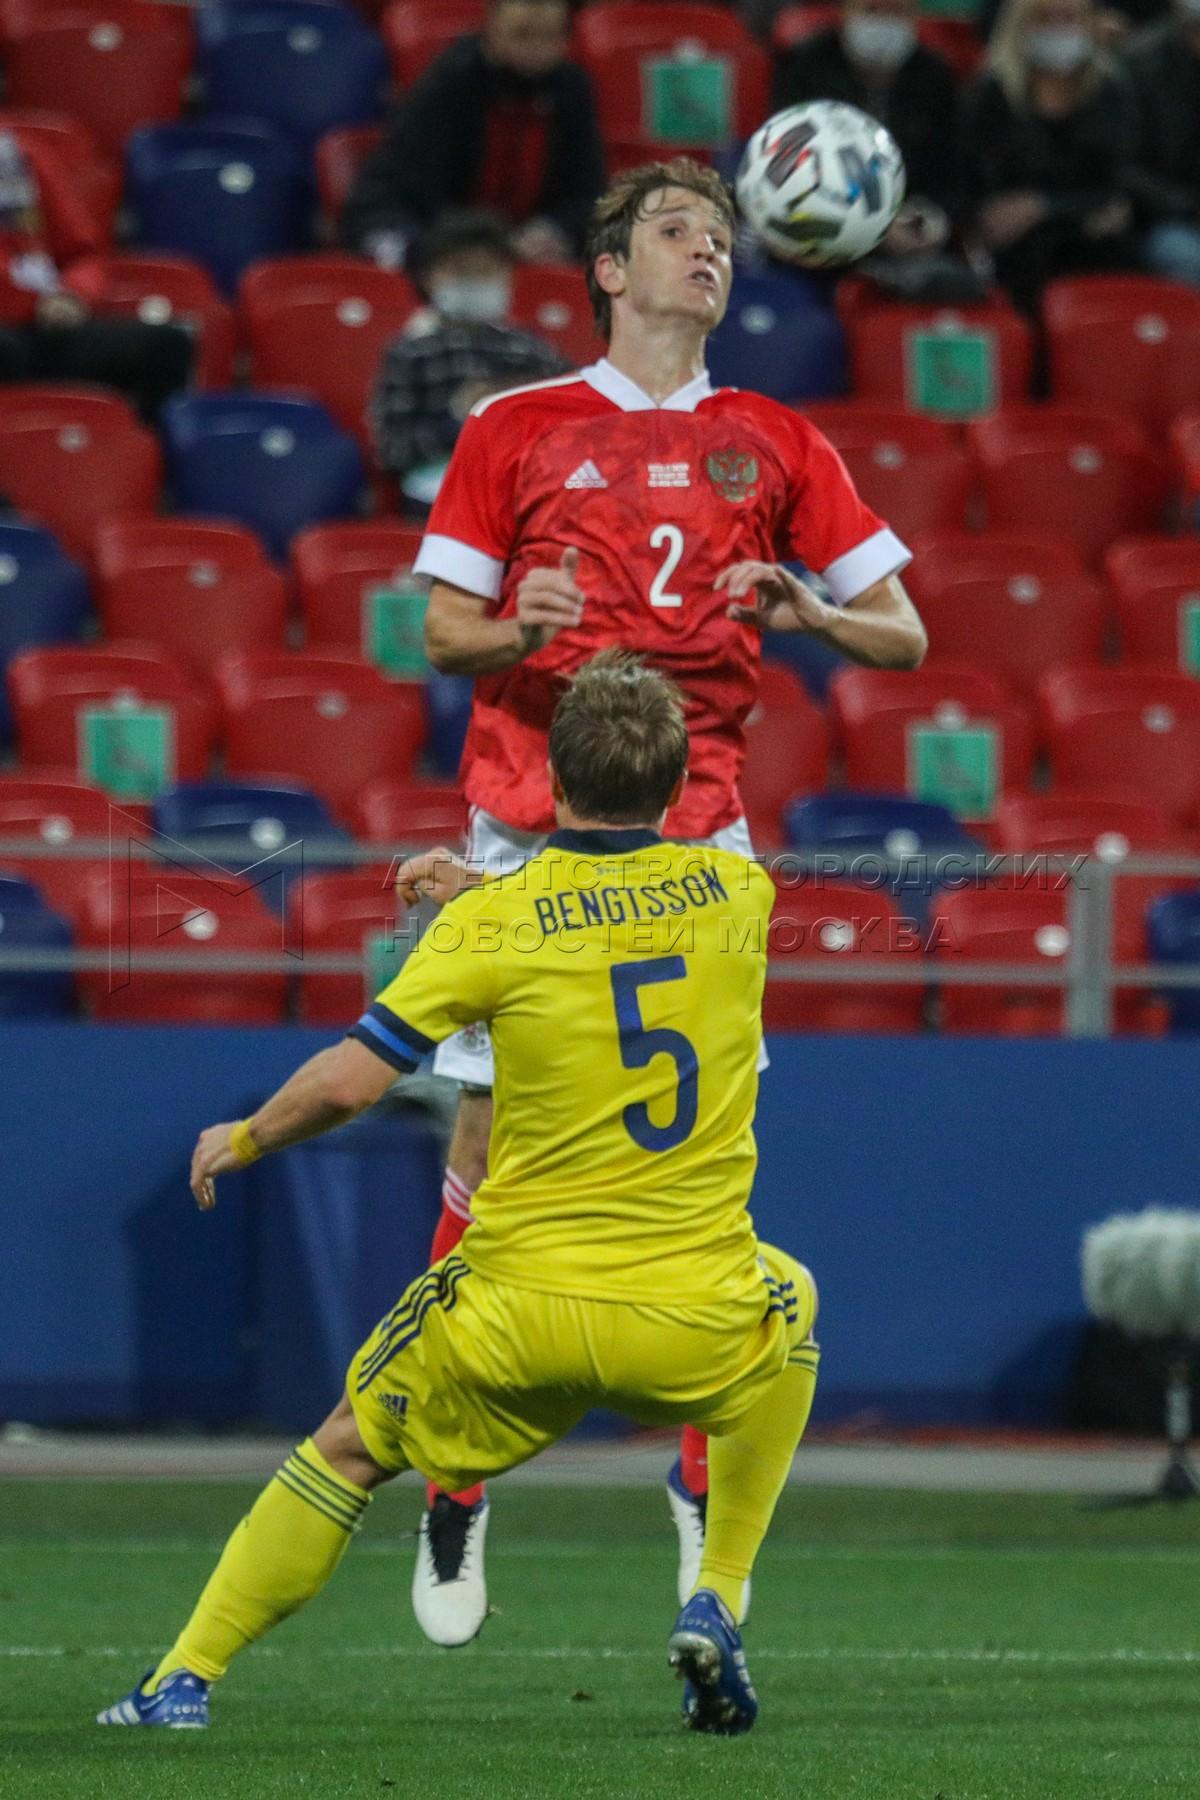 Игроки слева направо - Марио Фернандес (Россия) и Пьер Бенгтссон (Швеция) во время контрольного матча по футболу между национальными сборными России и Швеции на стадионе «ВЭБ Арена».